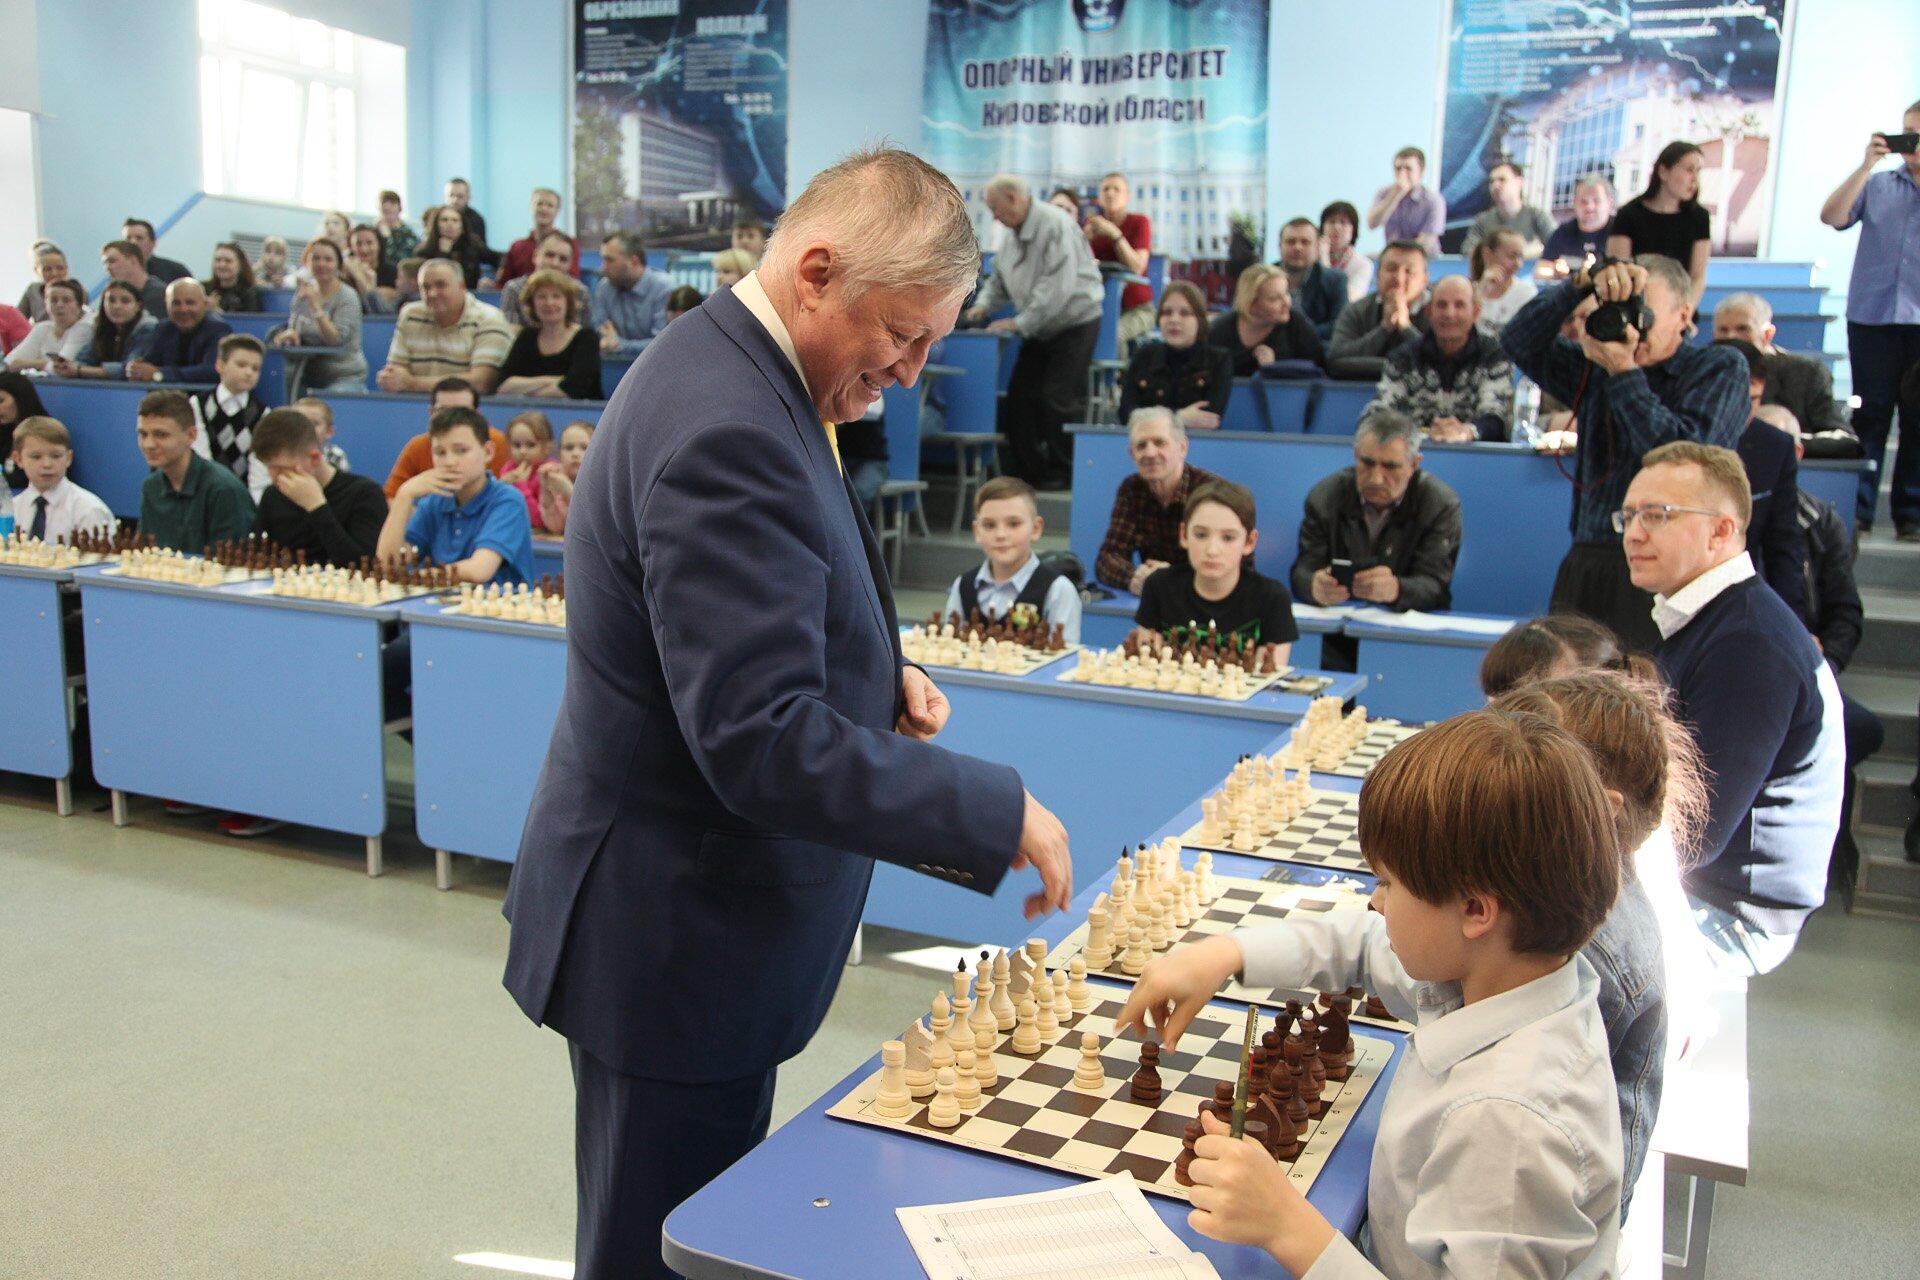 Игра с чемпионом, или как в ВятГУ приобщаются к шахматам